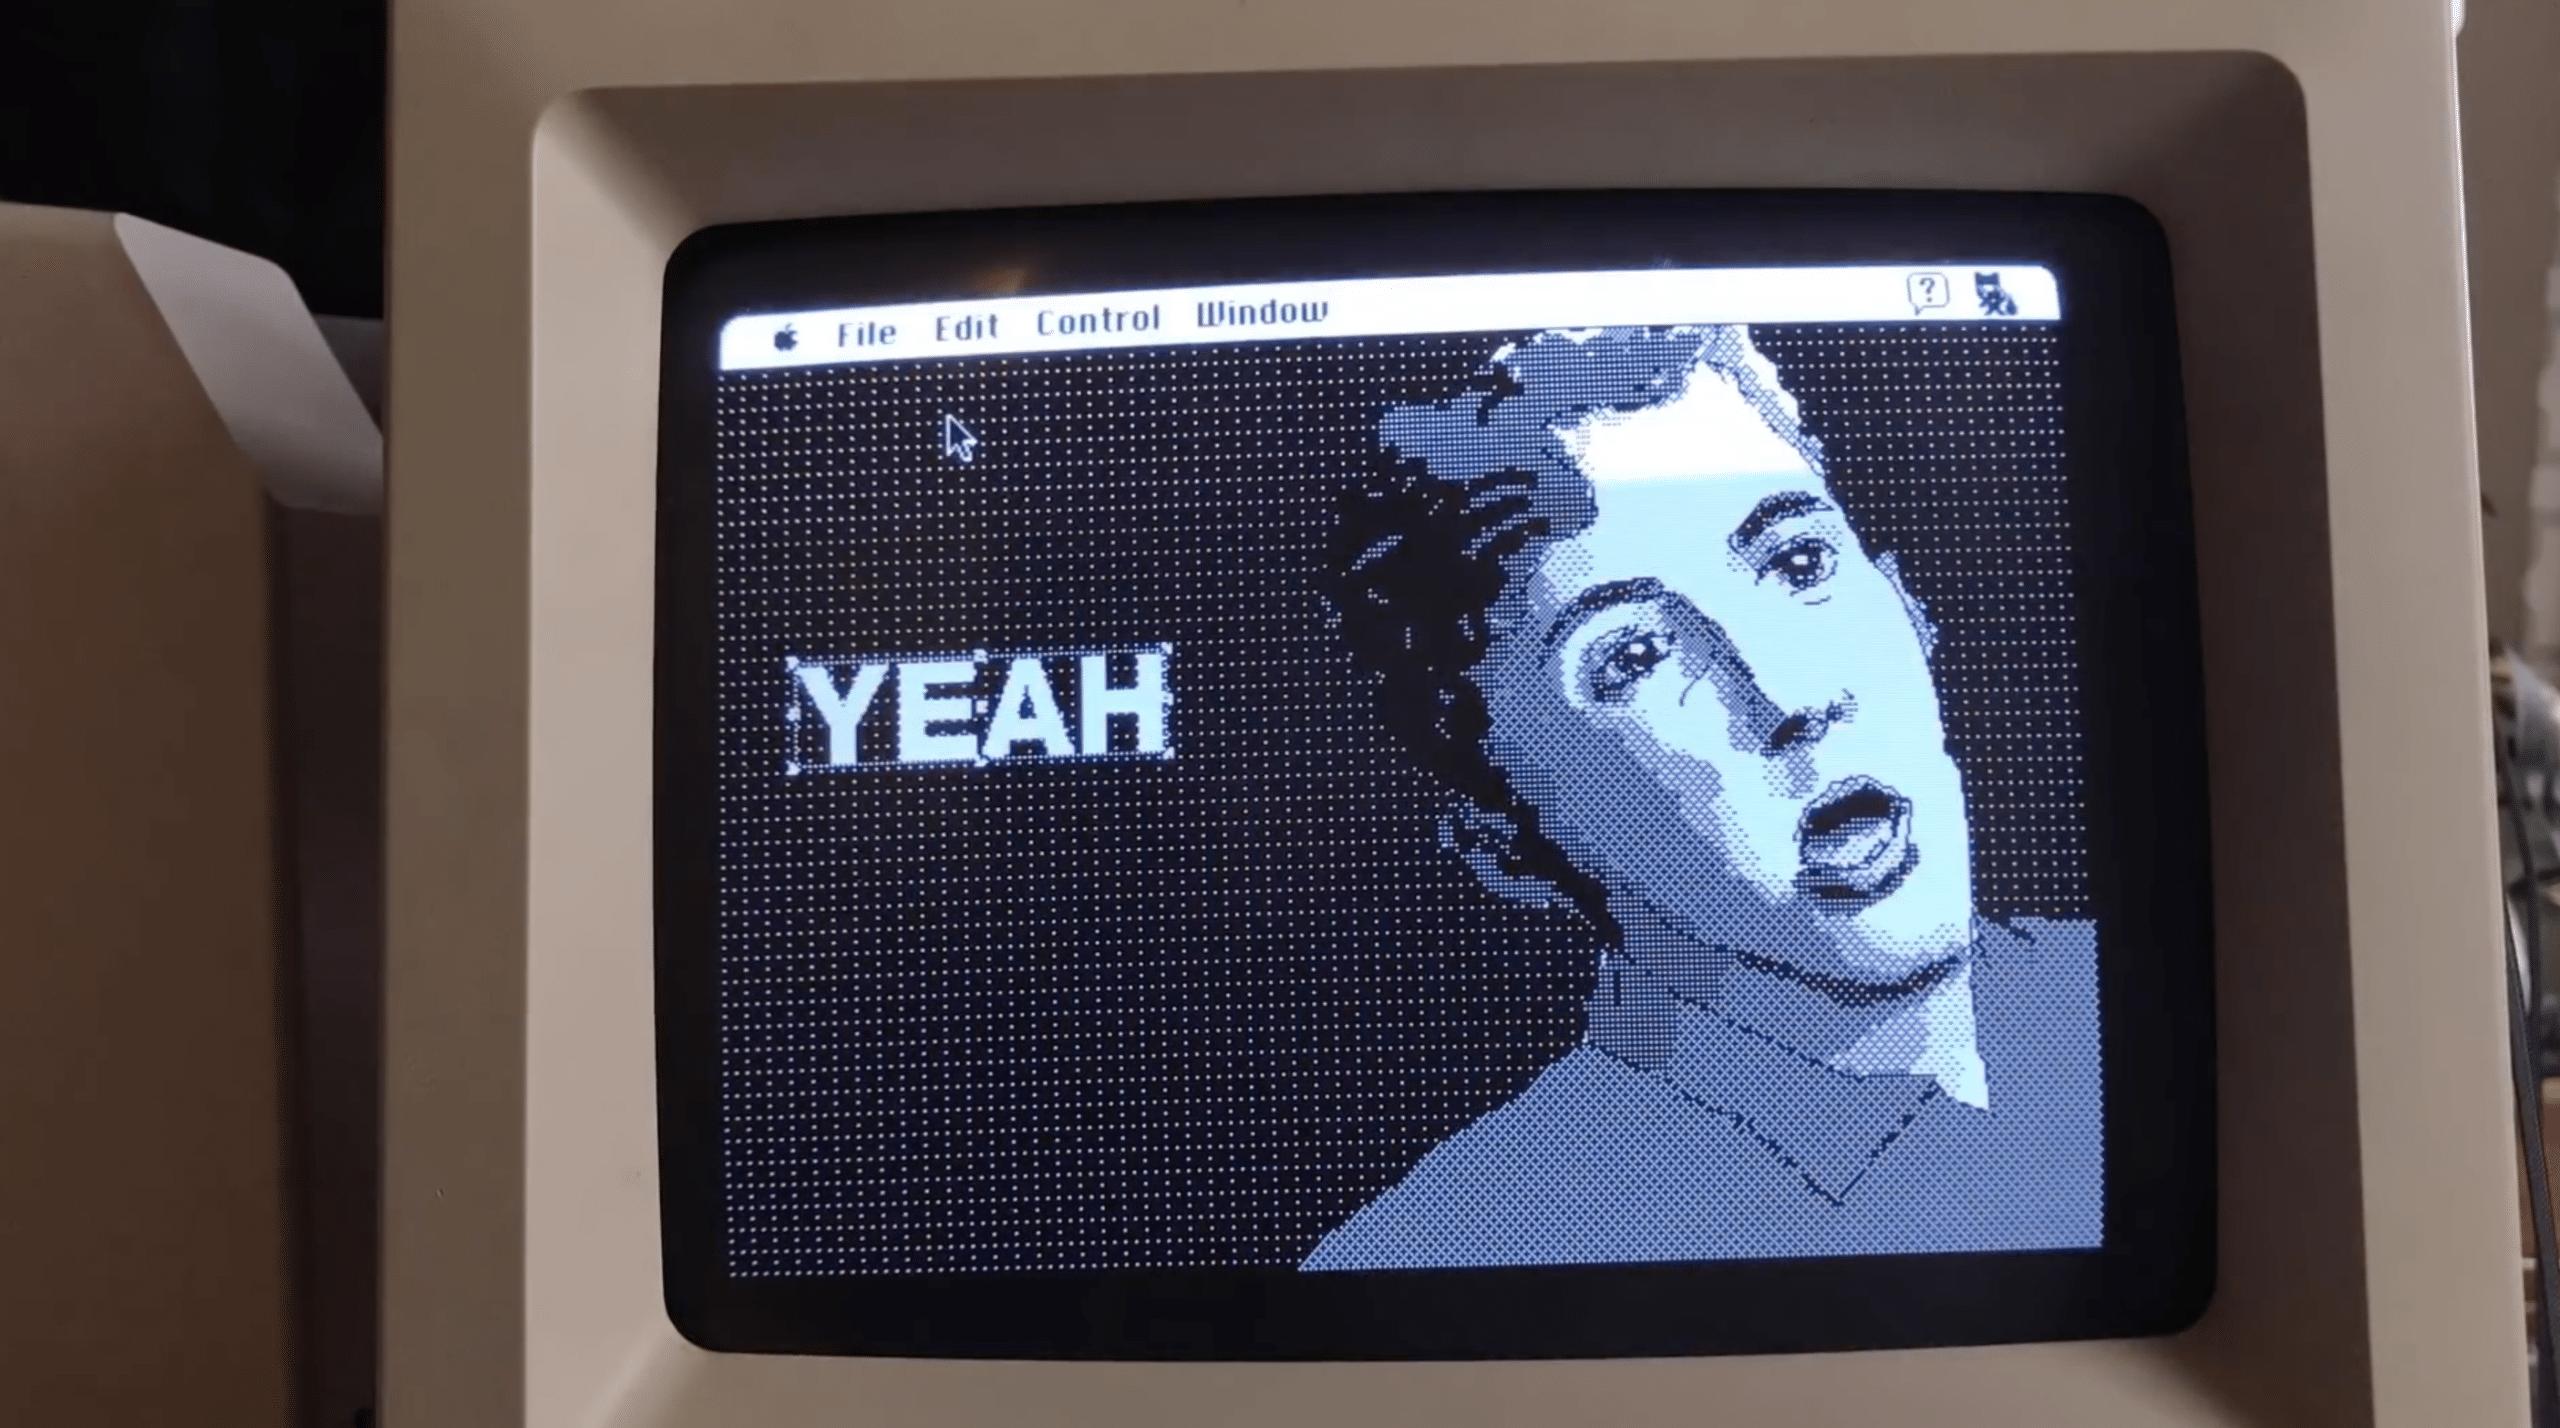 Videoclipe do Twenty One Pilots produzido em modelos antigos do Macintosh